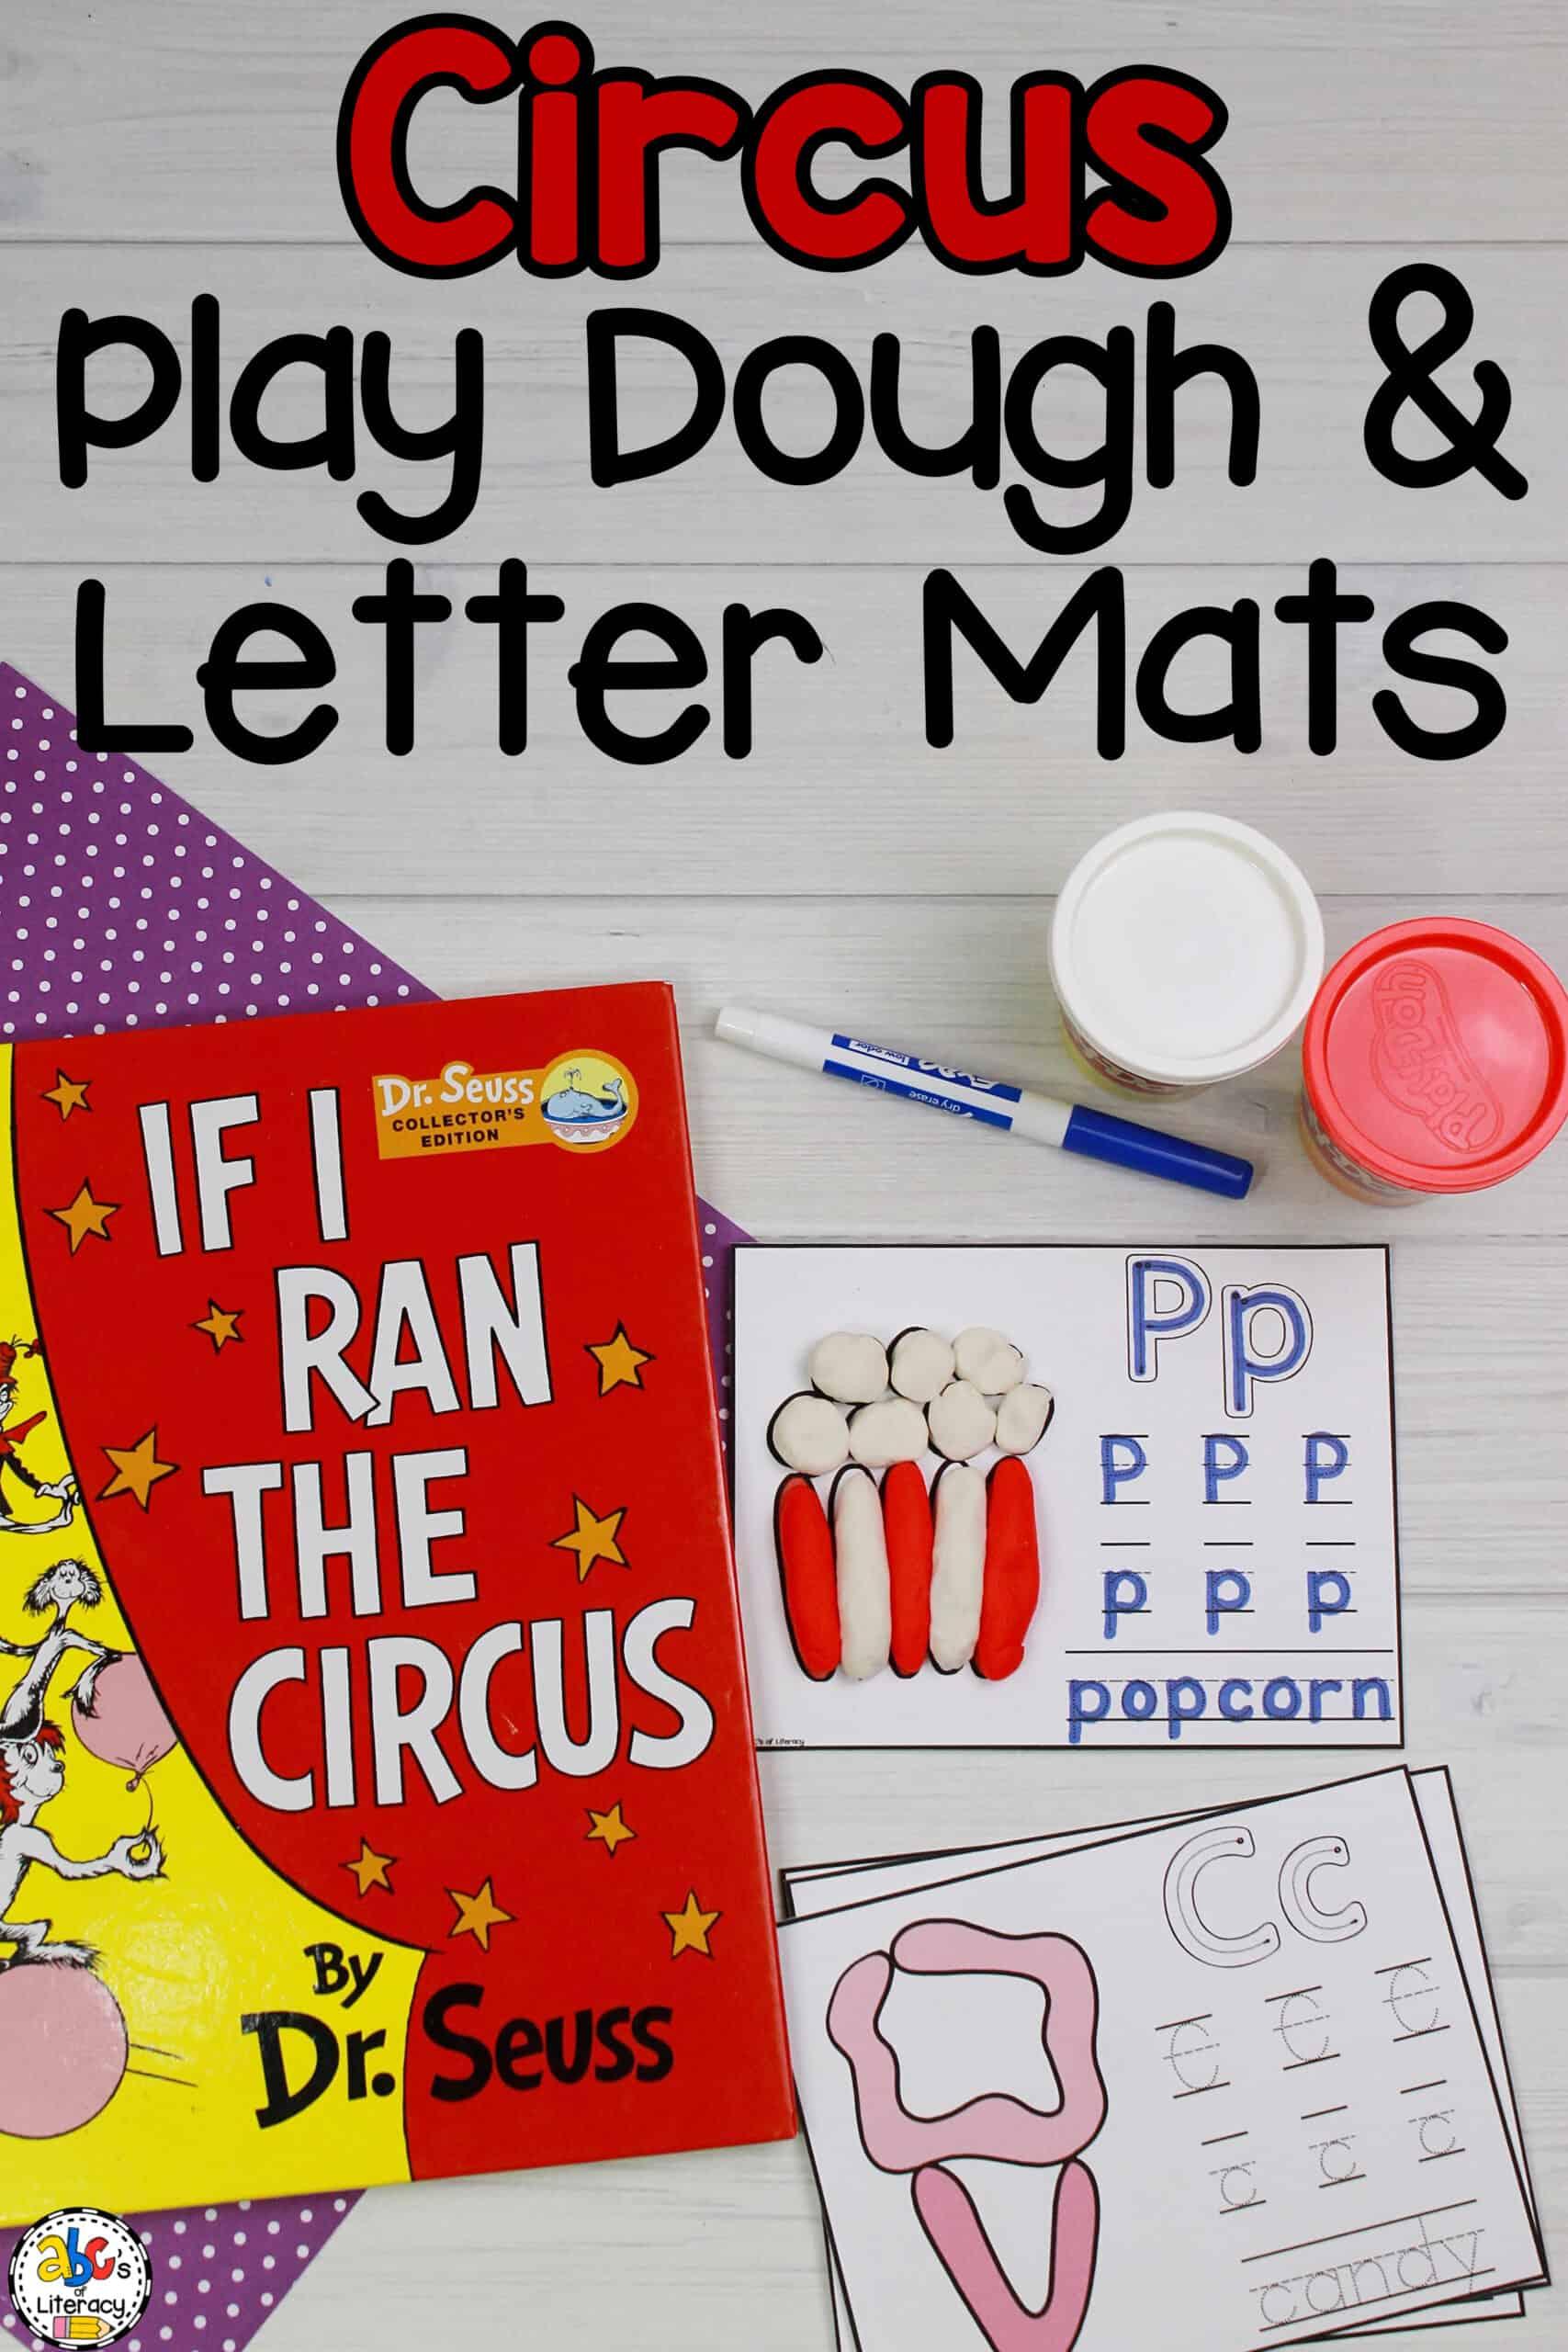 Circus Play Dough & Letter Mats